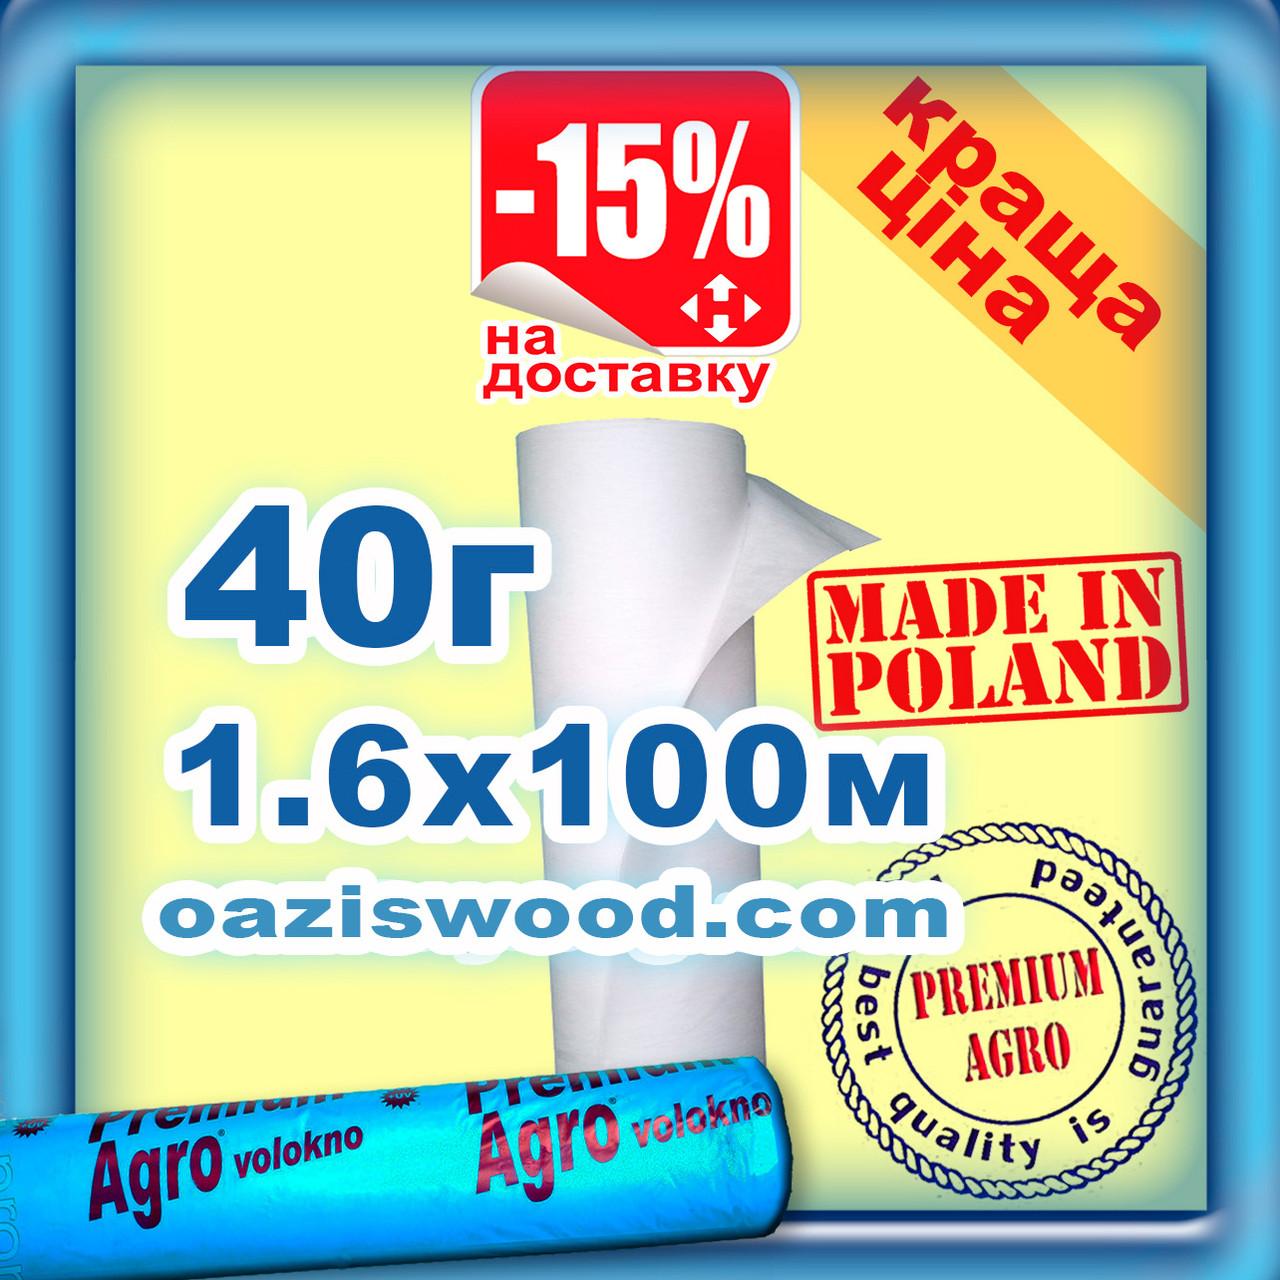 Агроволокно р-40g 1,6*100м белое UV-P 4.5% Premium-Agro Польша